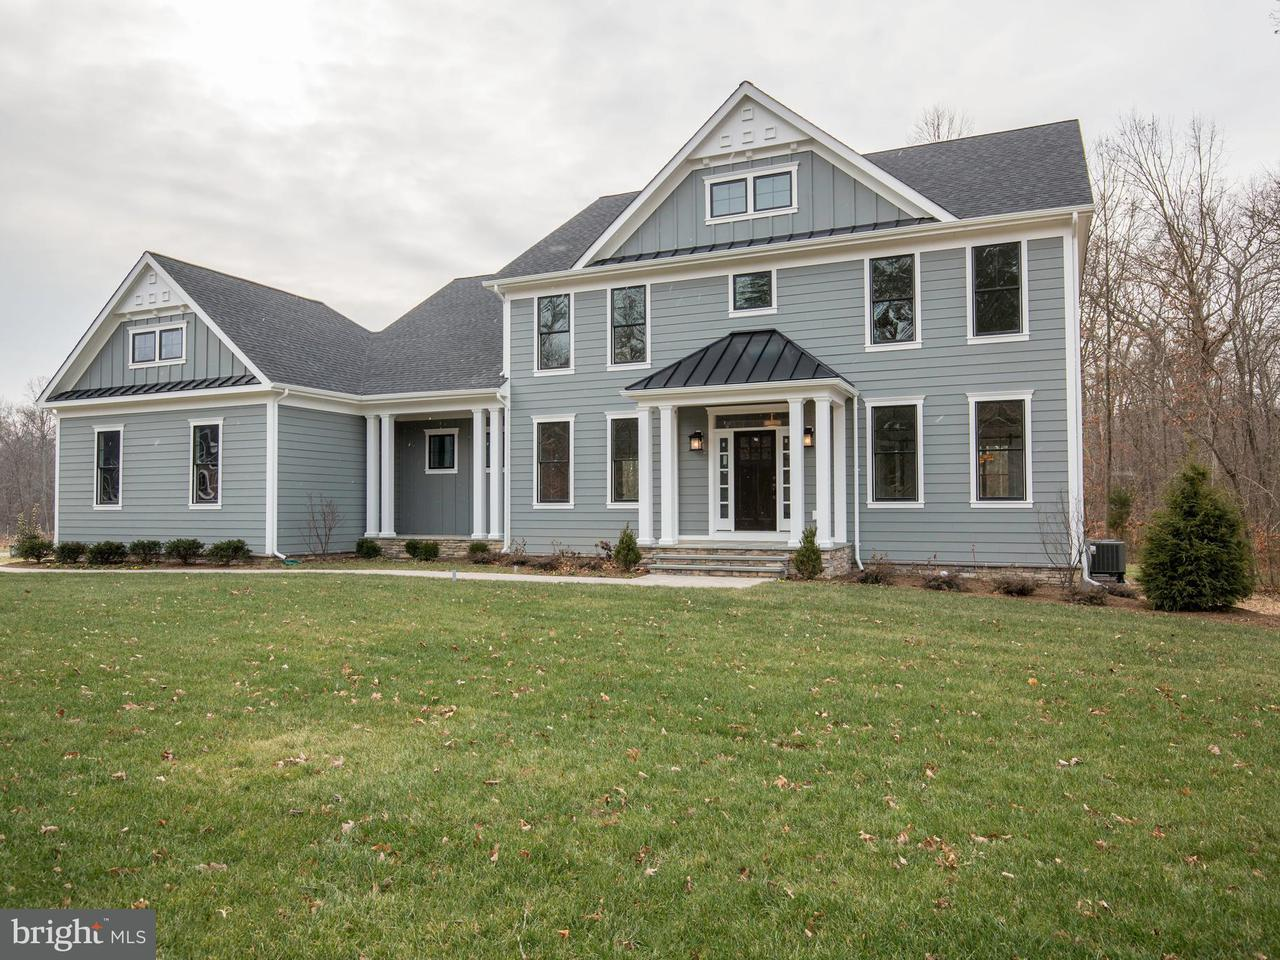 独户住宅 为 销售 在 1602 Misty Manor Way 1602 Misty Manor Way Millersville, 马里兰州 21108 美国